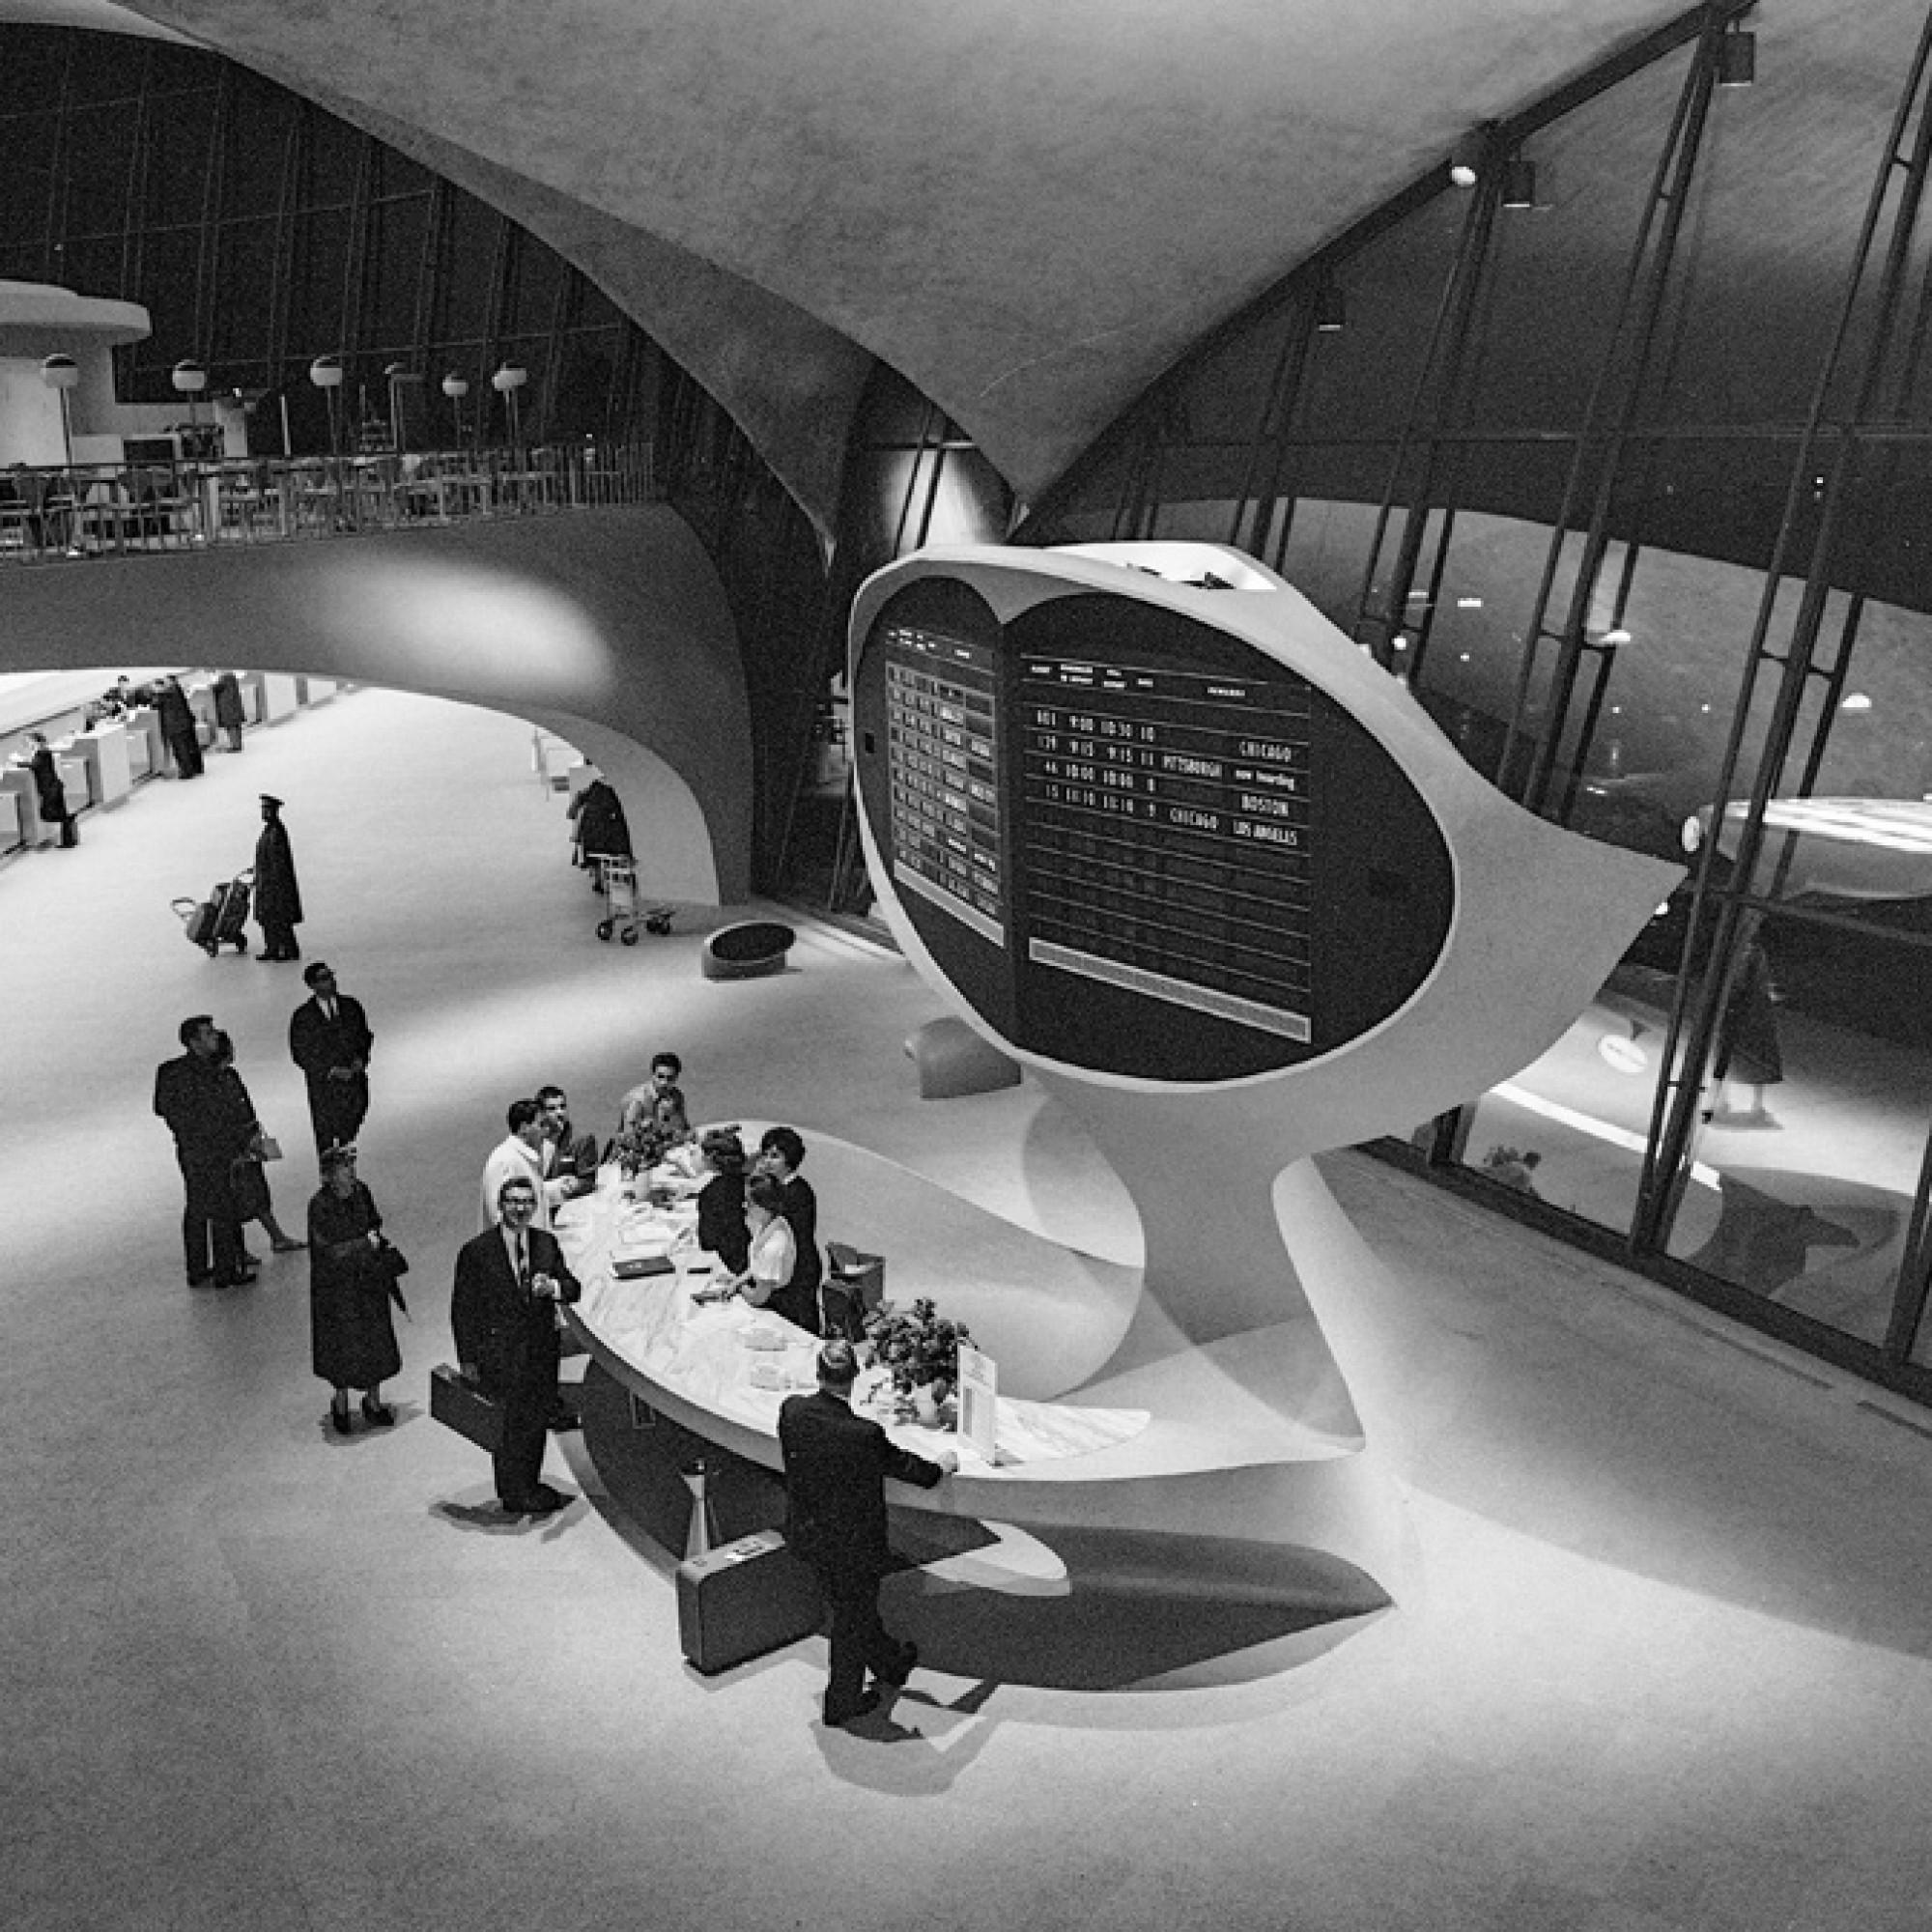 Anzeigetafel mit Informationsschalter, TWA Flight Center, circa 1962 © Library of Congress, Prints & Photographs Division, Balthazar Korab Archive at the Library of Congress, LC-DIG-krb-00617